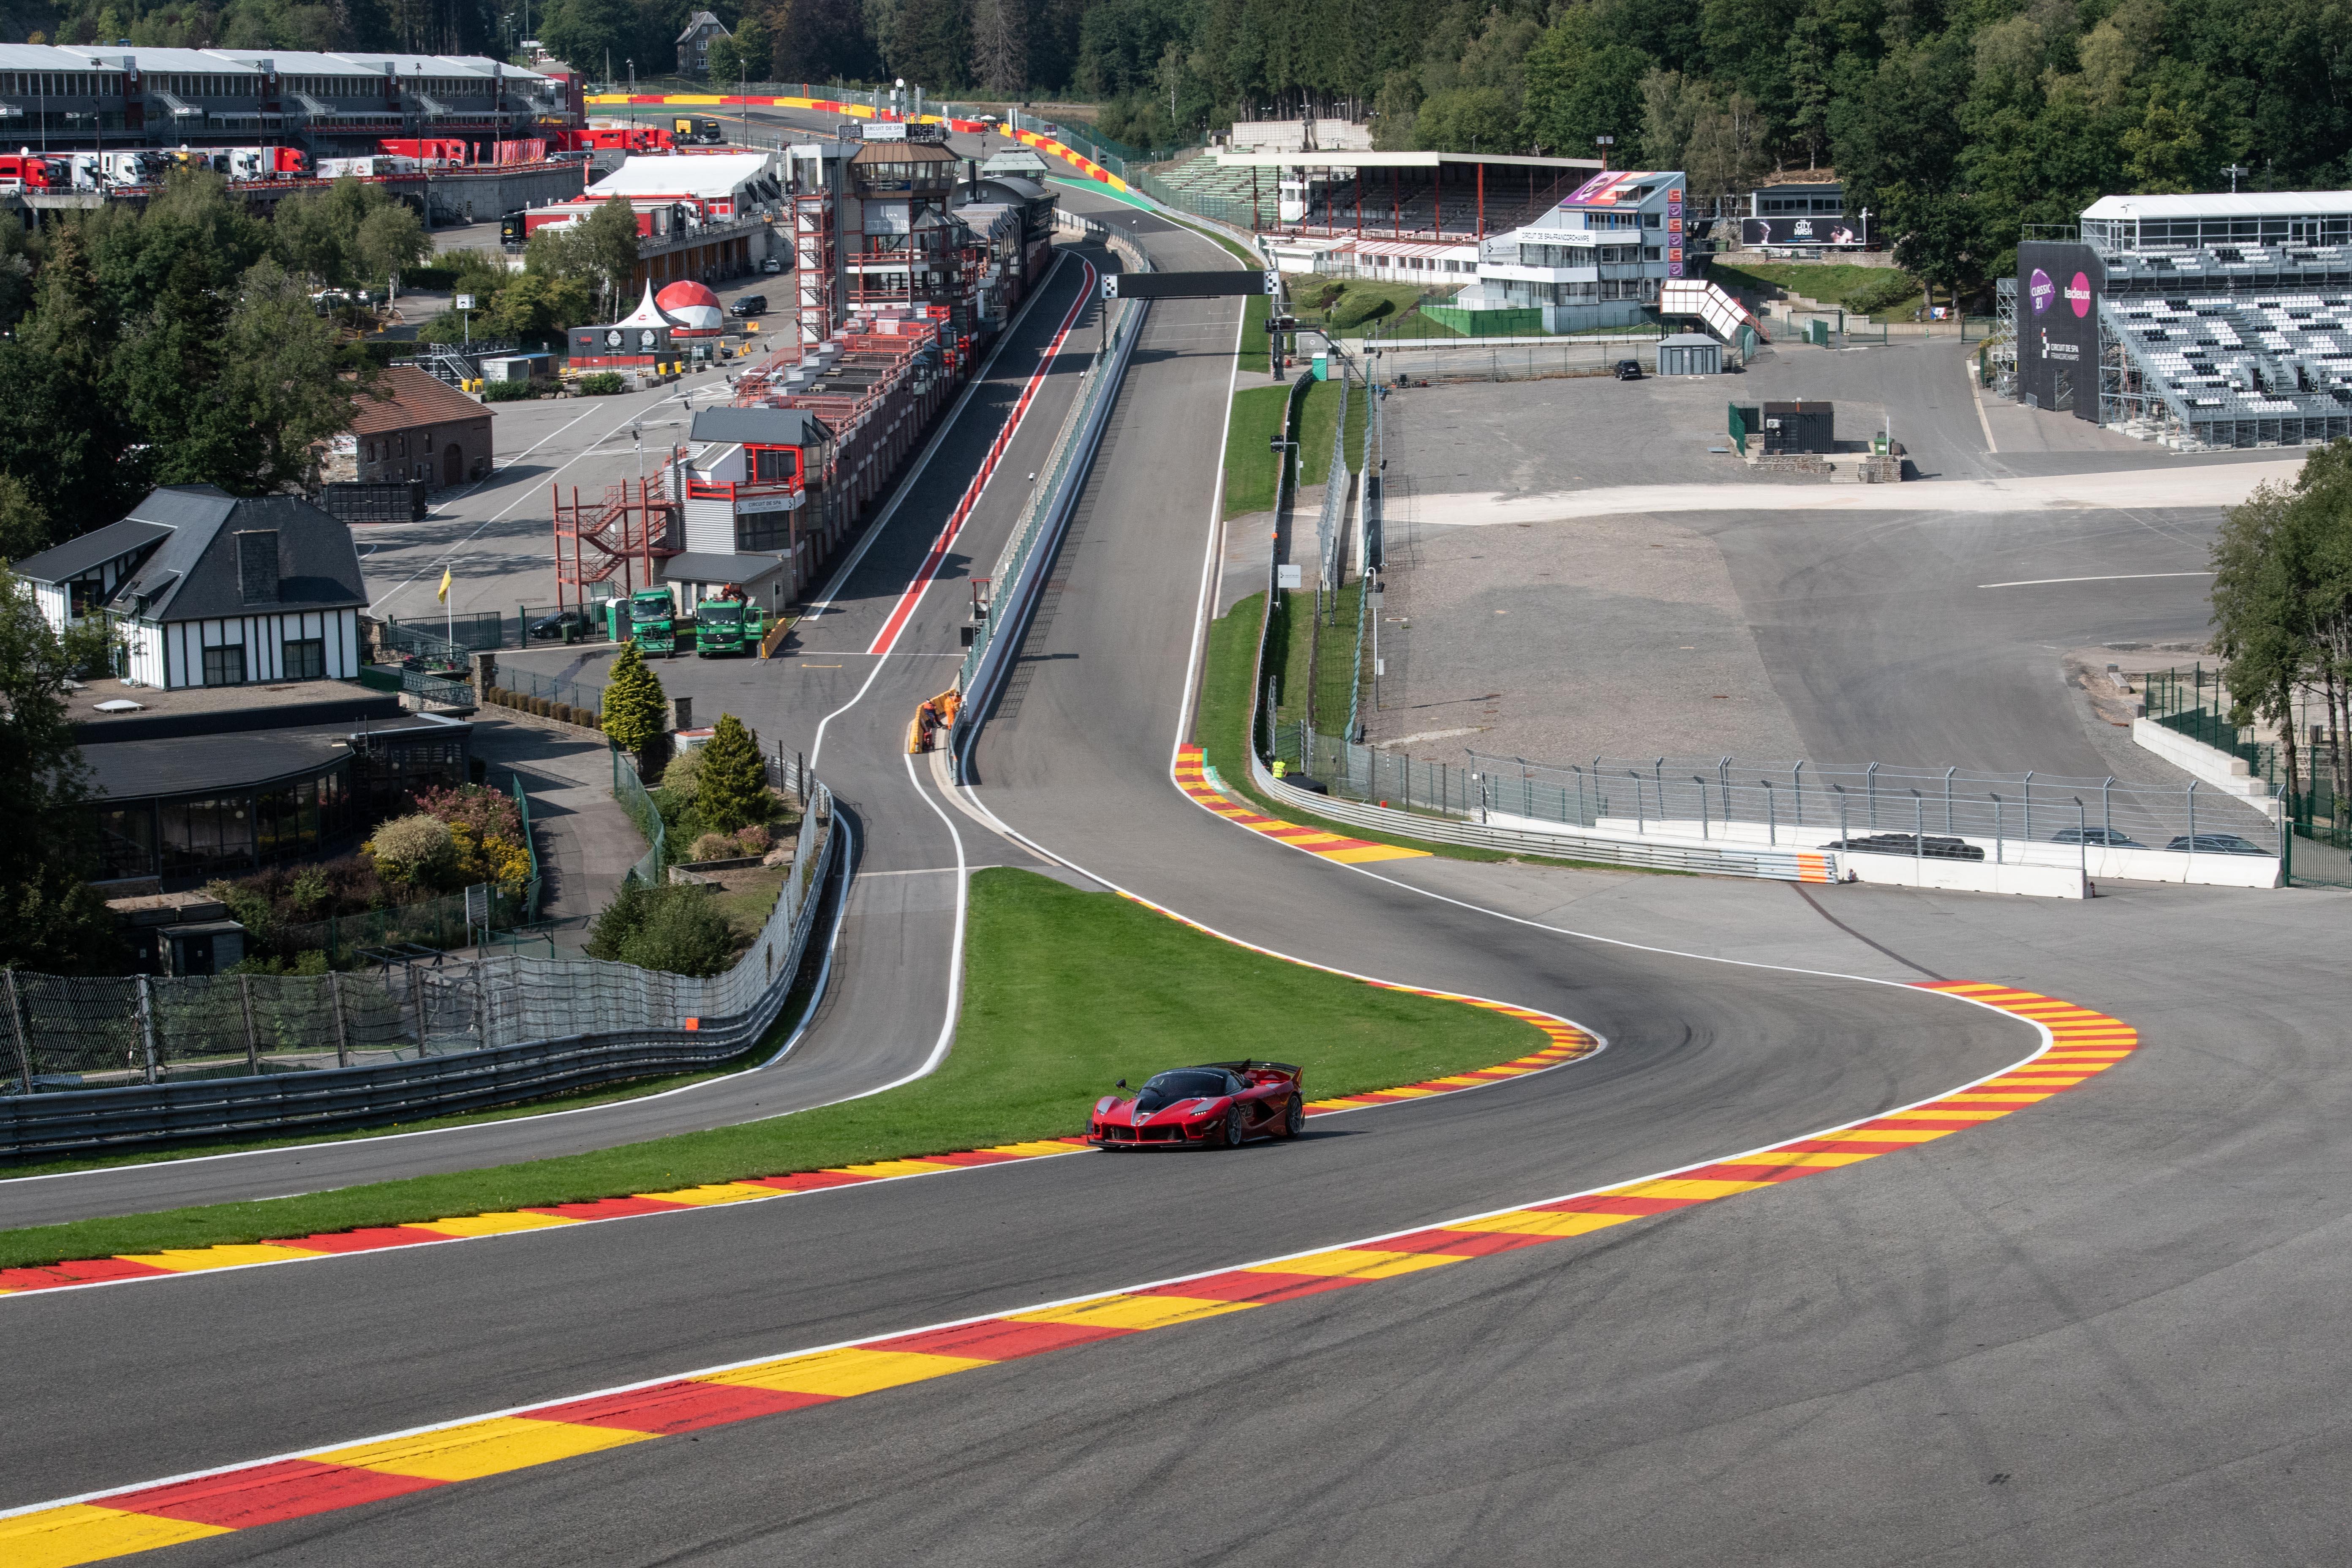 200746-ferrari-racing-days-f1-clienti-xx-spa-saturday